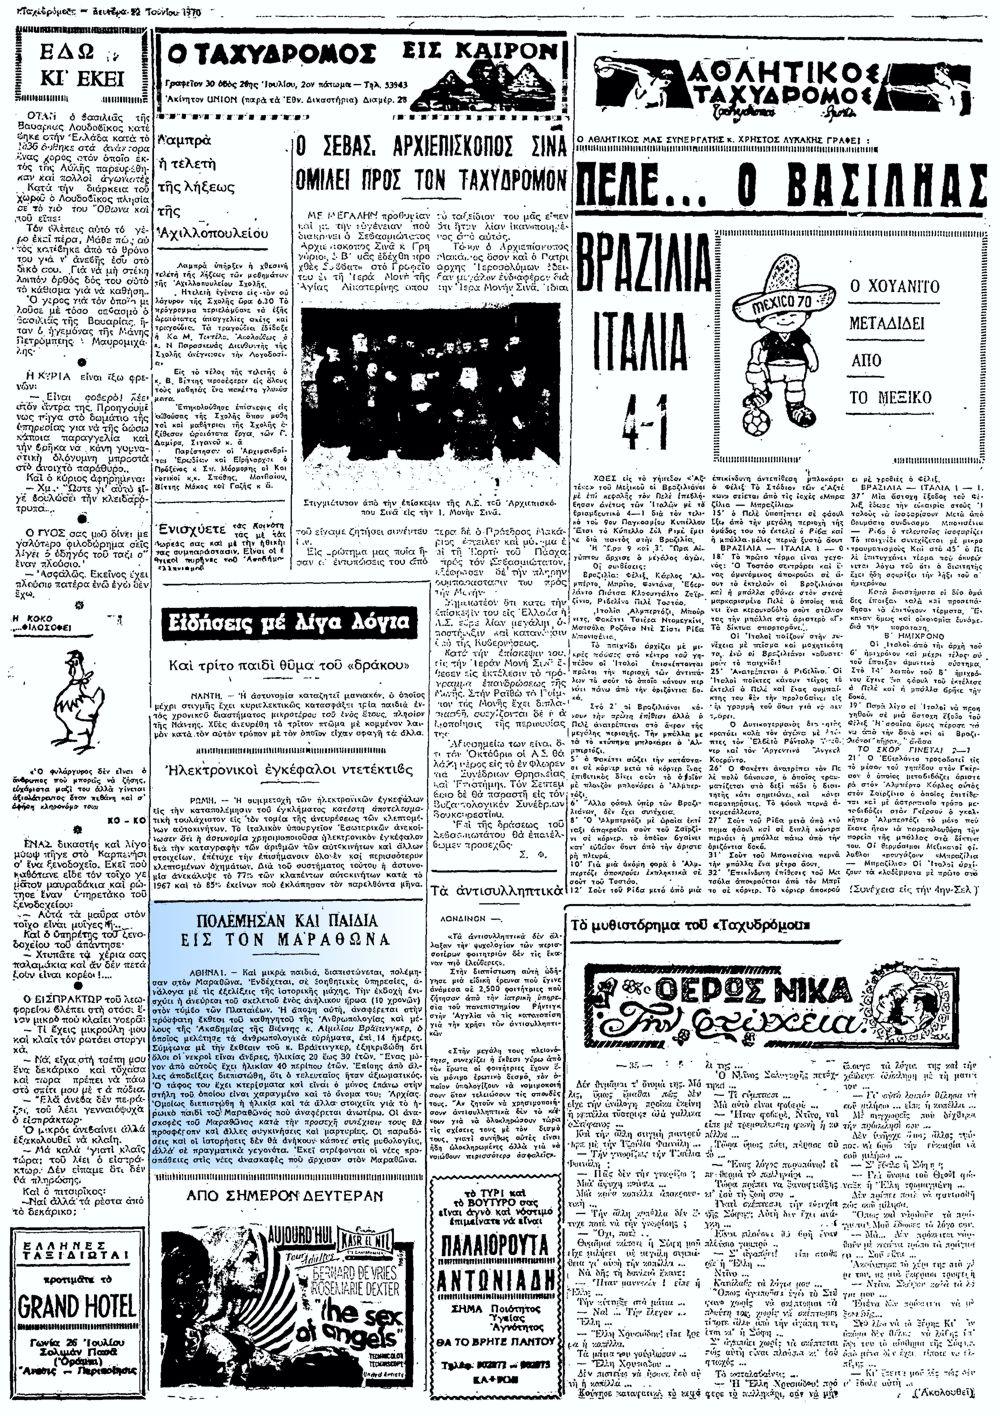 """Το άρθρο, όπως δημοσιεύθηκε στην εφημερίδα """"ΤΑΧΥΔΡΟΜΟΣ"""", στις 22/06/1970"""